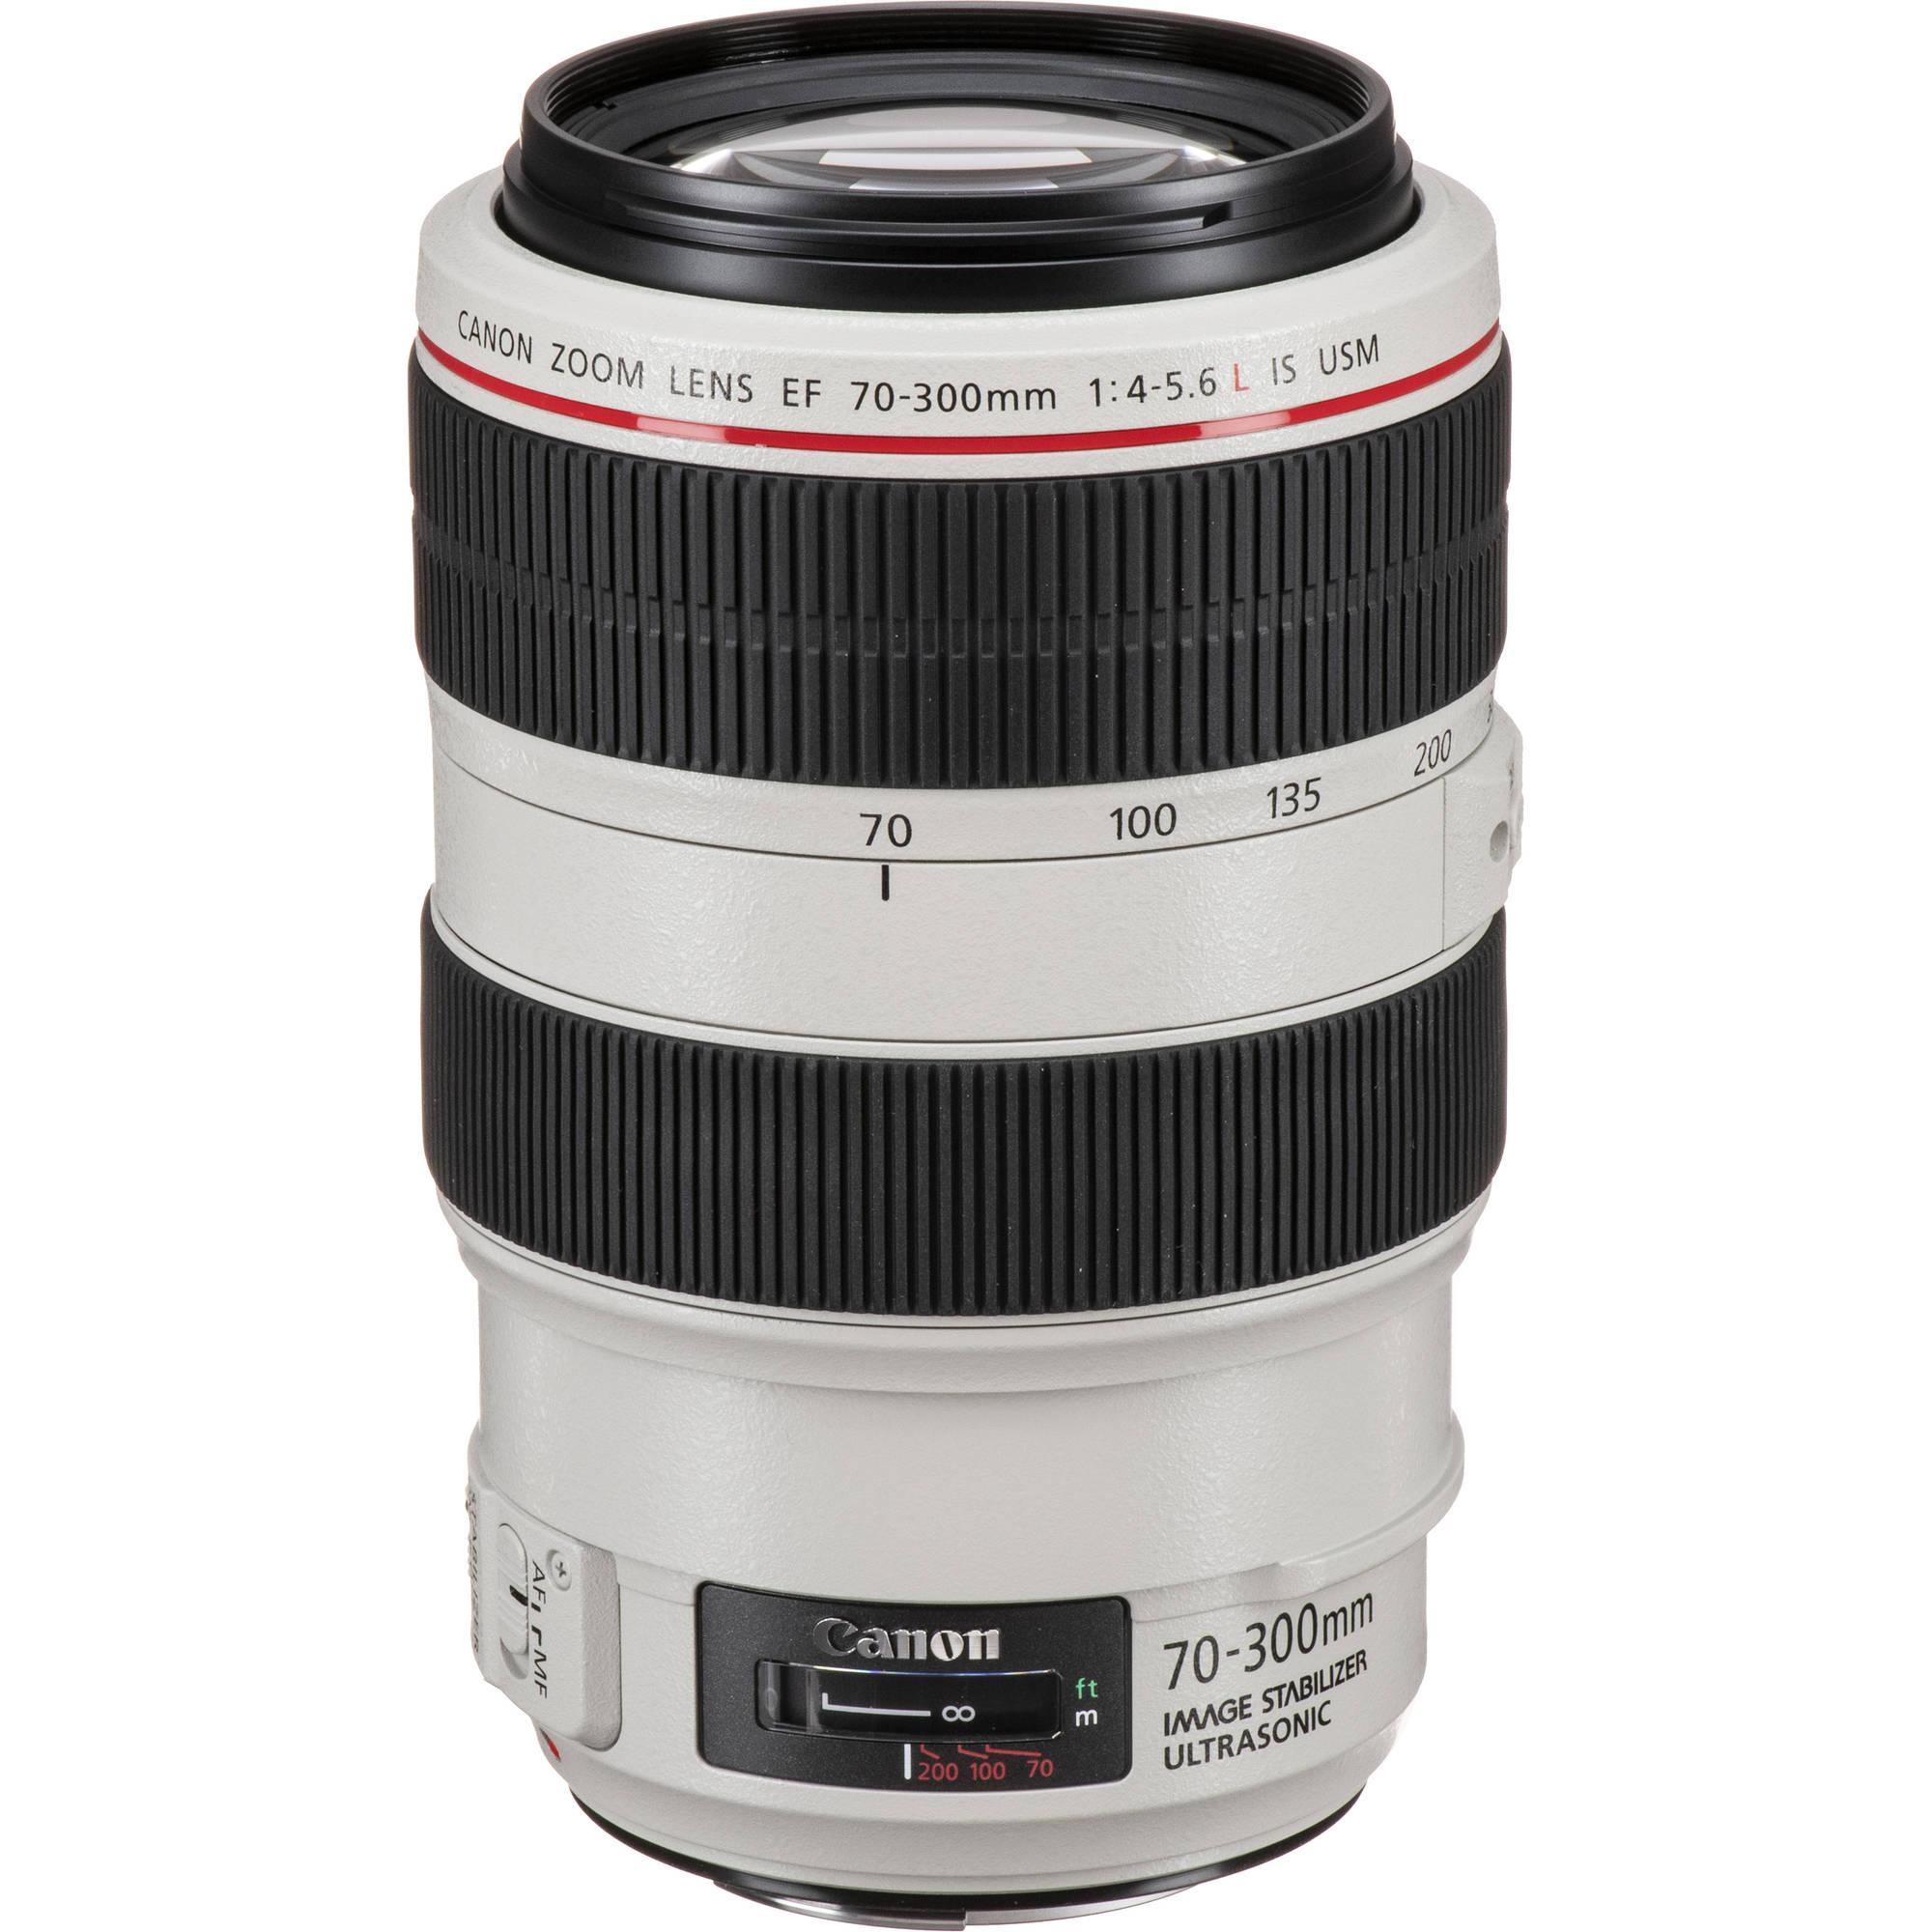 canon ef 70 300mm f 4 5 6l is usm lens 4426b002 b h photo video. Black Bedroom Furniture Sets. Home Design Ideas